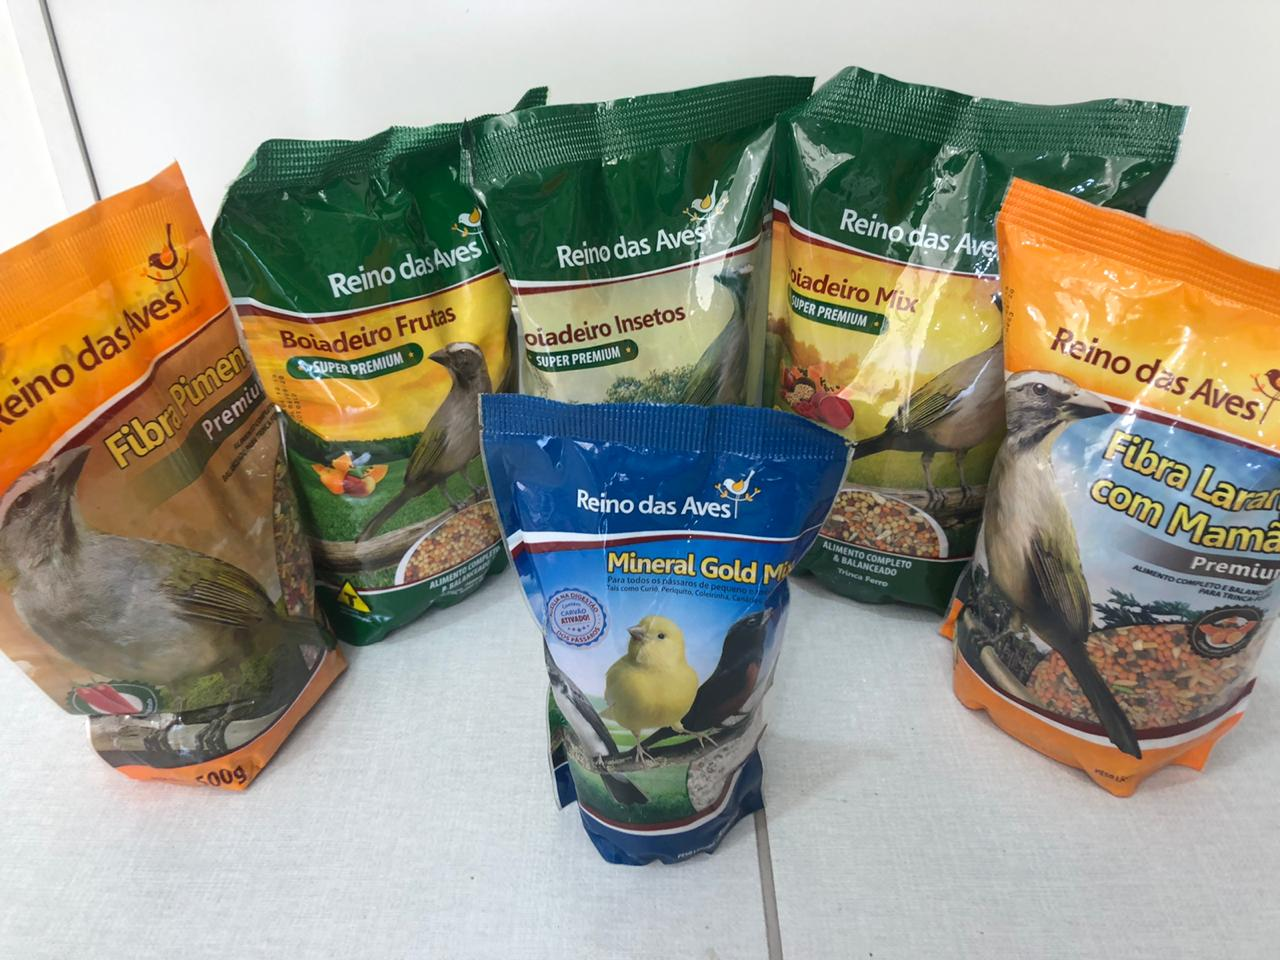 Combo promocional racão para pássaros  contendo 6 itens